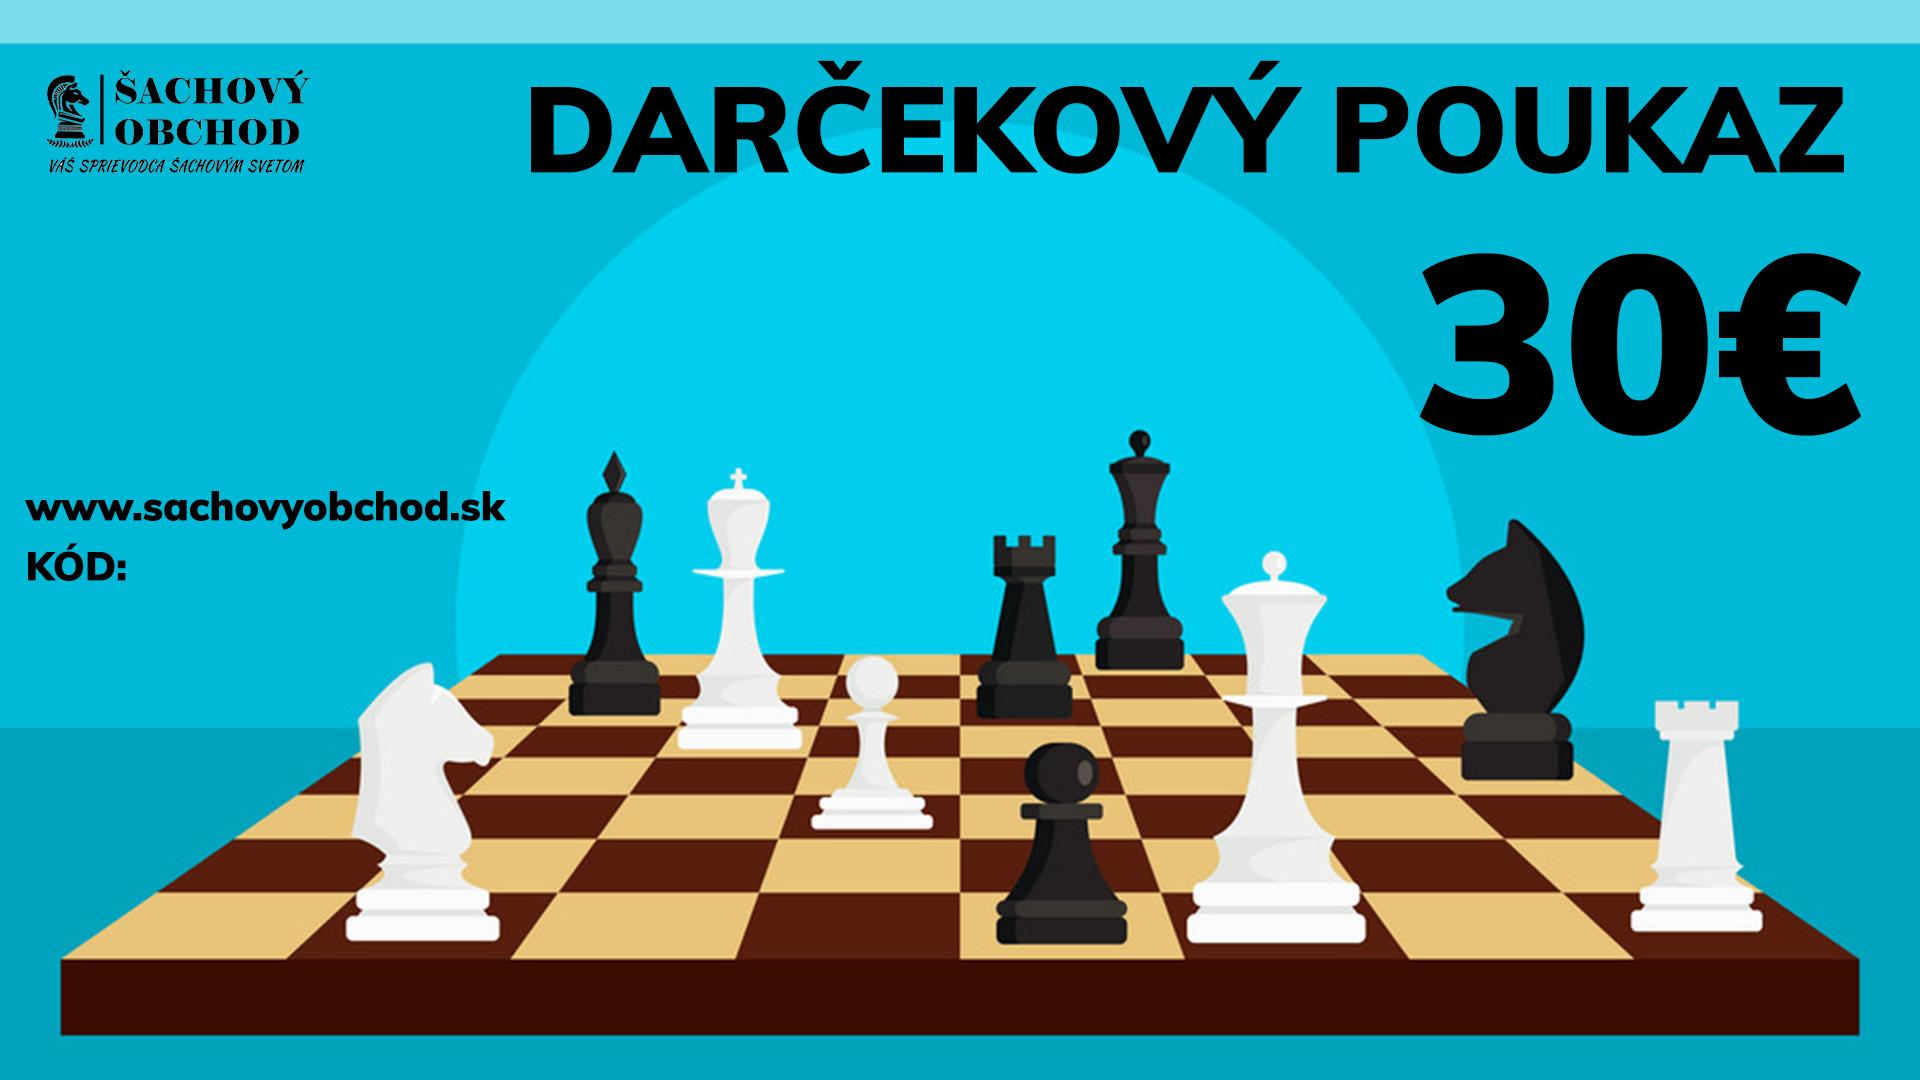 darcekovy_poukaz_30